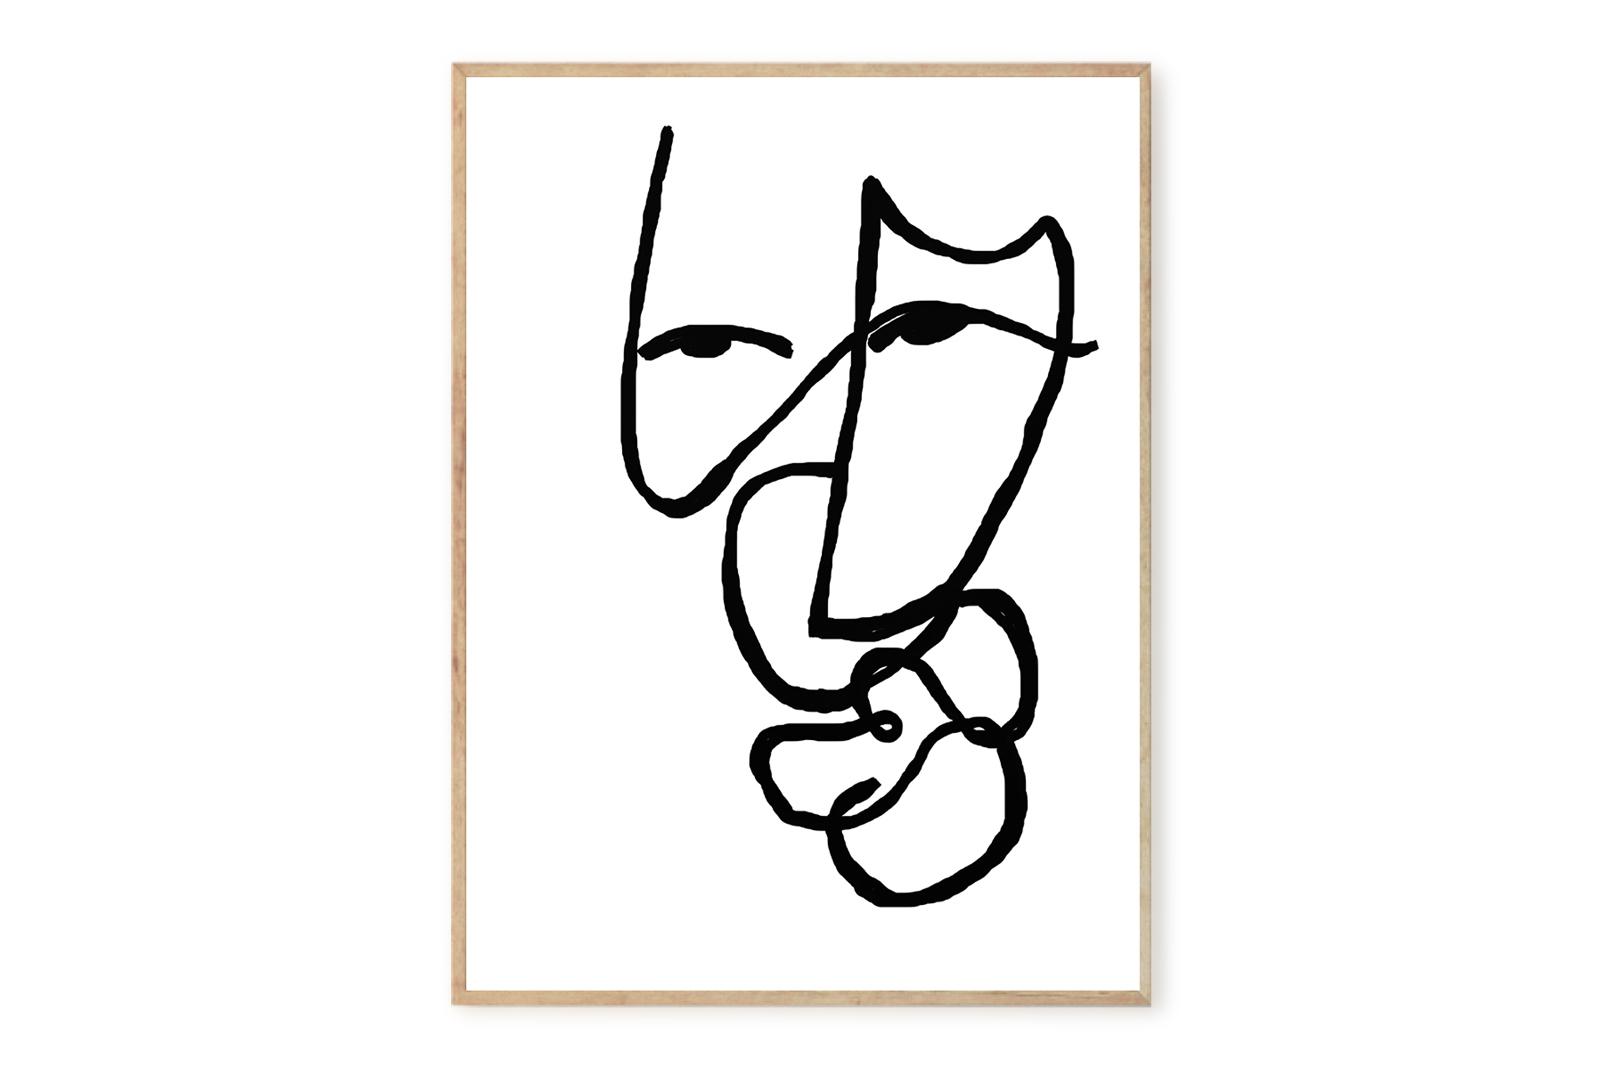 THE POSTER CLUB × Lisa Wirenfelt ポスター/アートプリント 50×70cm Dagny【イラスト インテリア 北欧雑貨 おしゃれ 壁掛け 絵画 パネル モダン モノクロ モノトーン デンマーク コペンハーゲン】